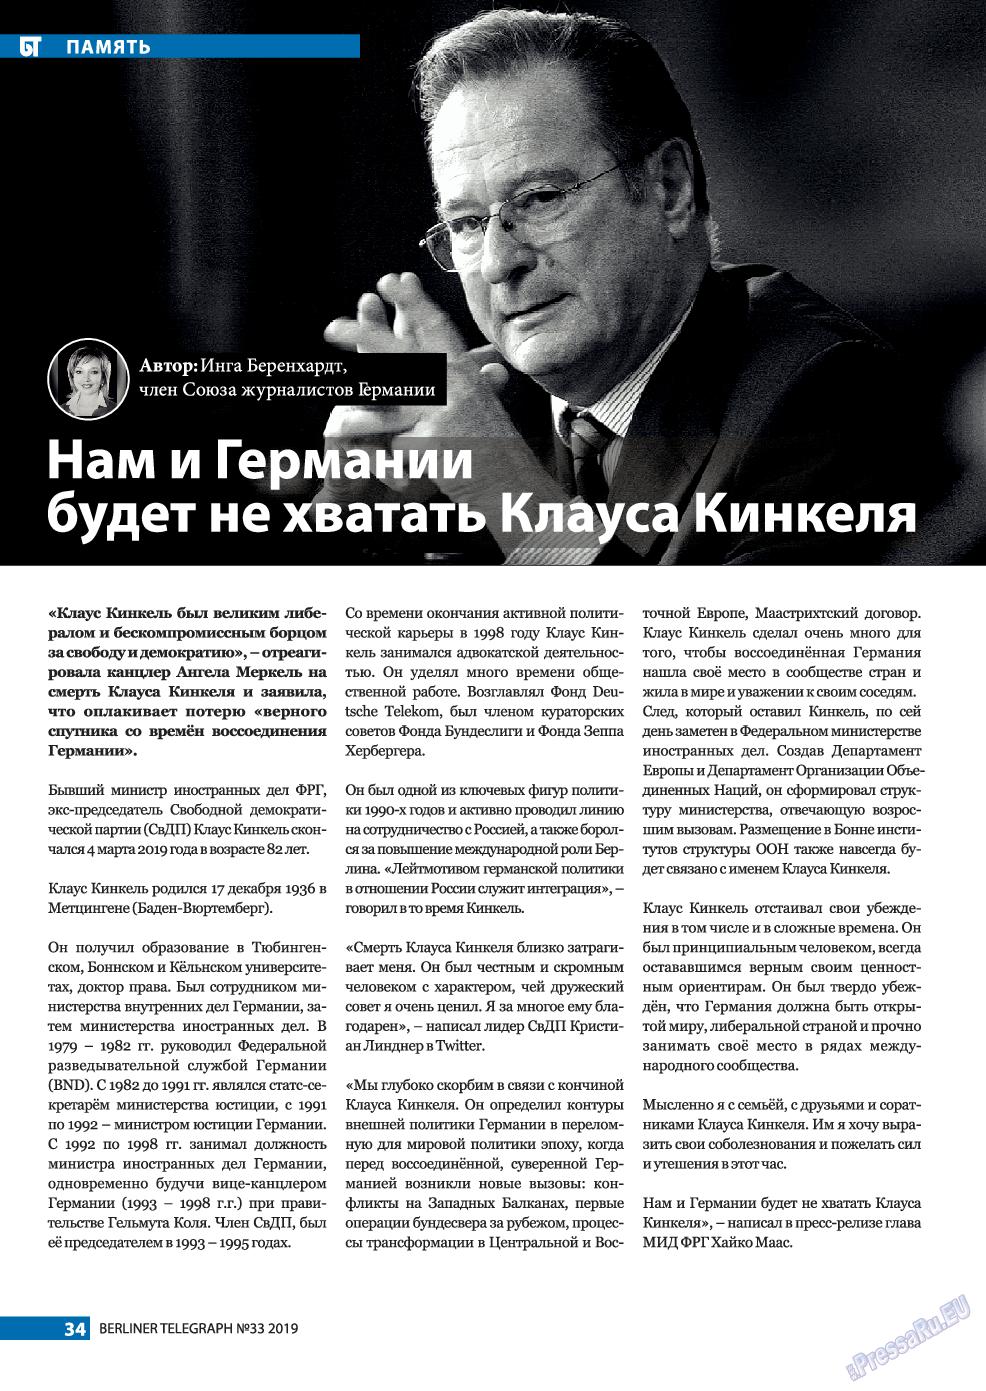 Берлинский телеграф (журнал). 2019 год, номер 33, стр. 34